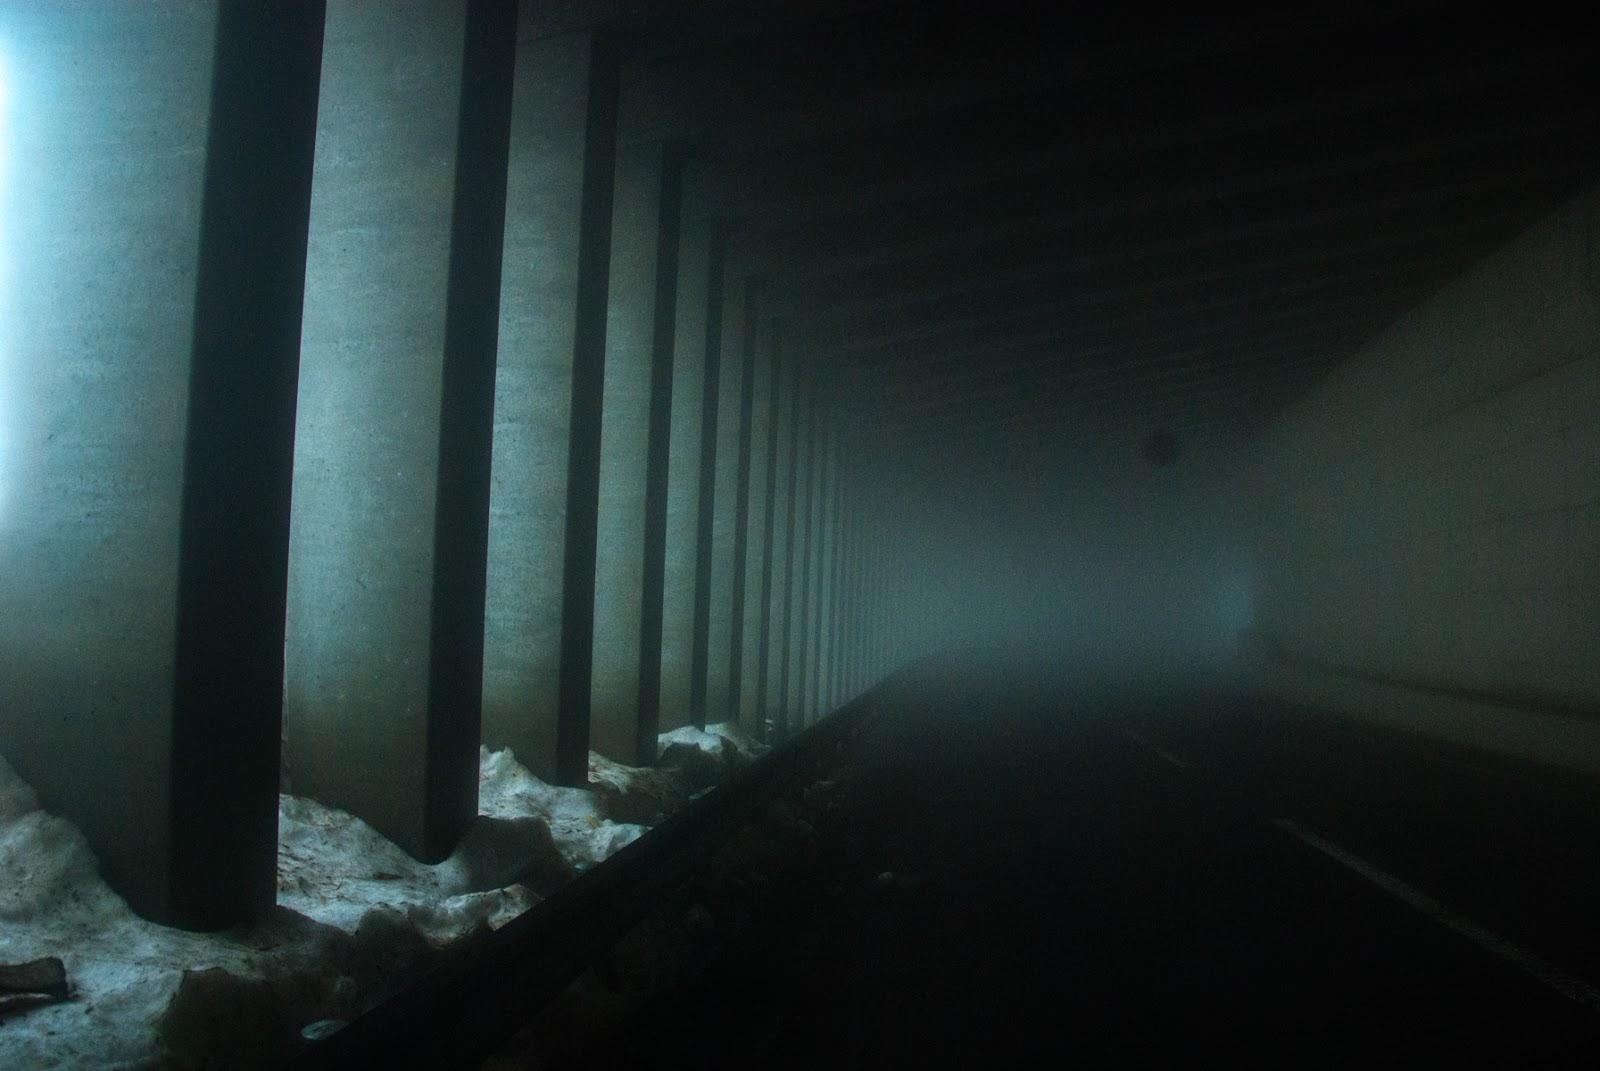 幻想的なトンネル